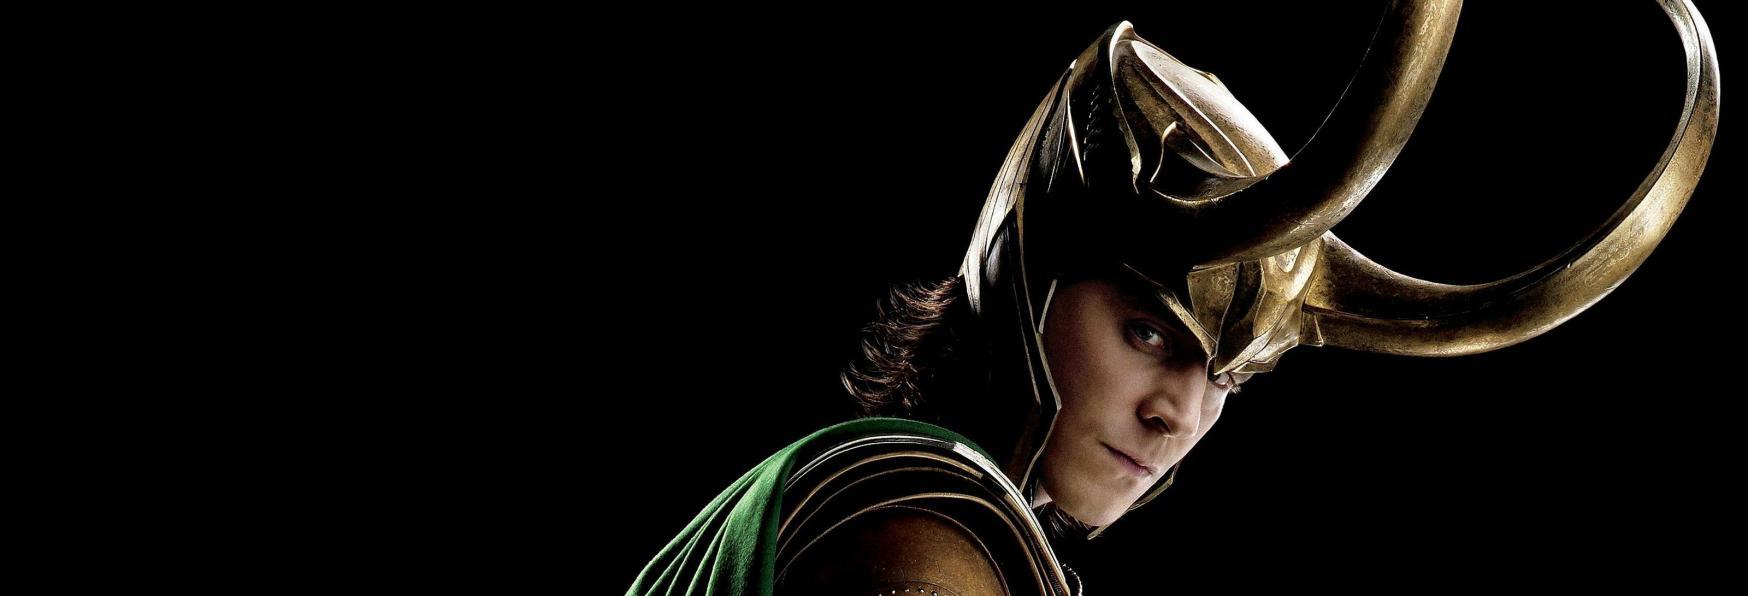 Loki 2: Quando sarà Rilasciata la nuova Stagione della Serie TV Marvel?